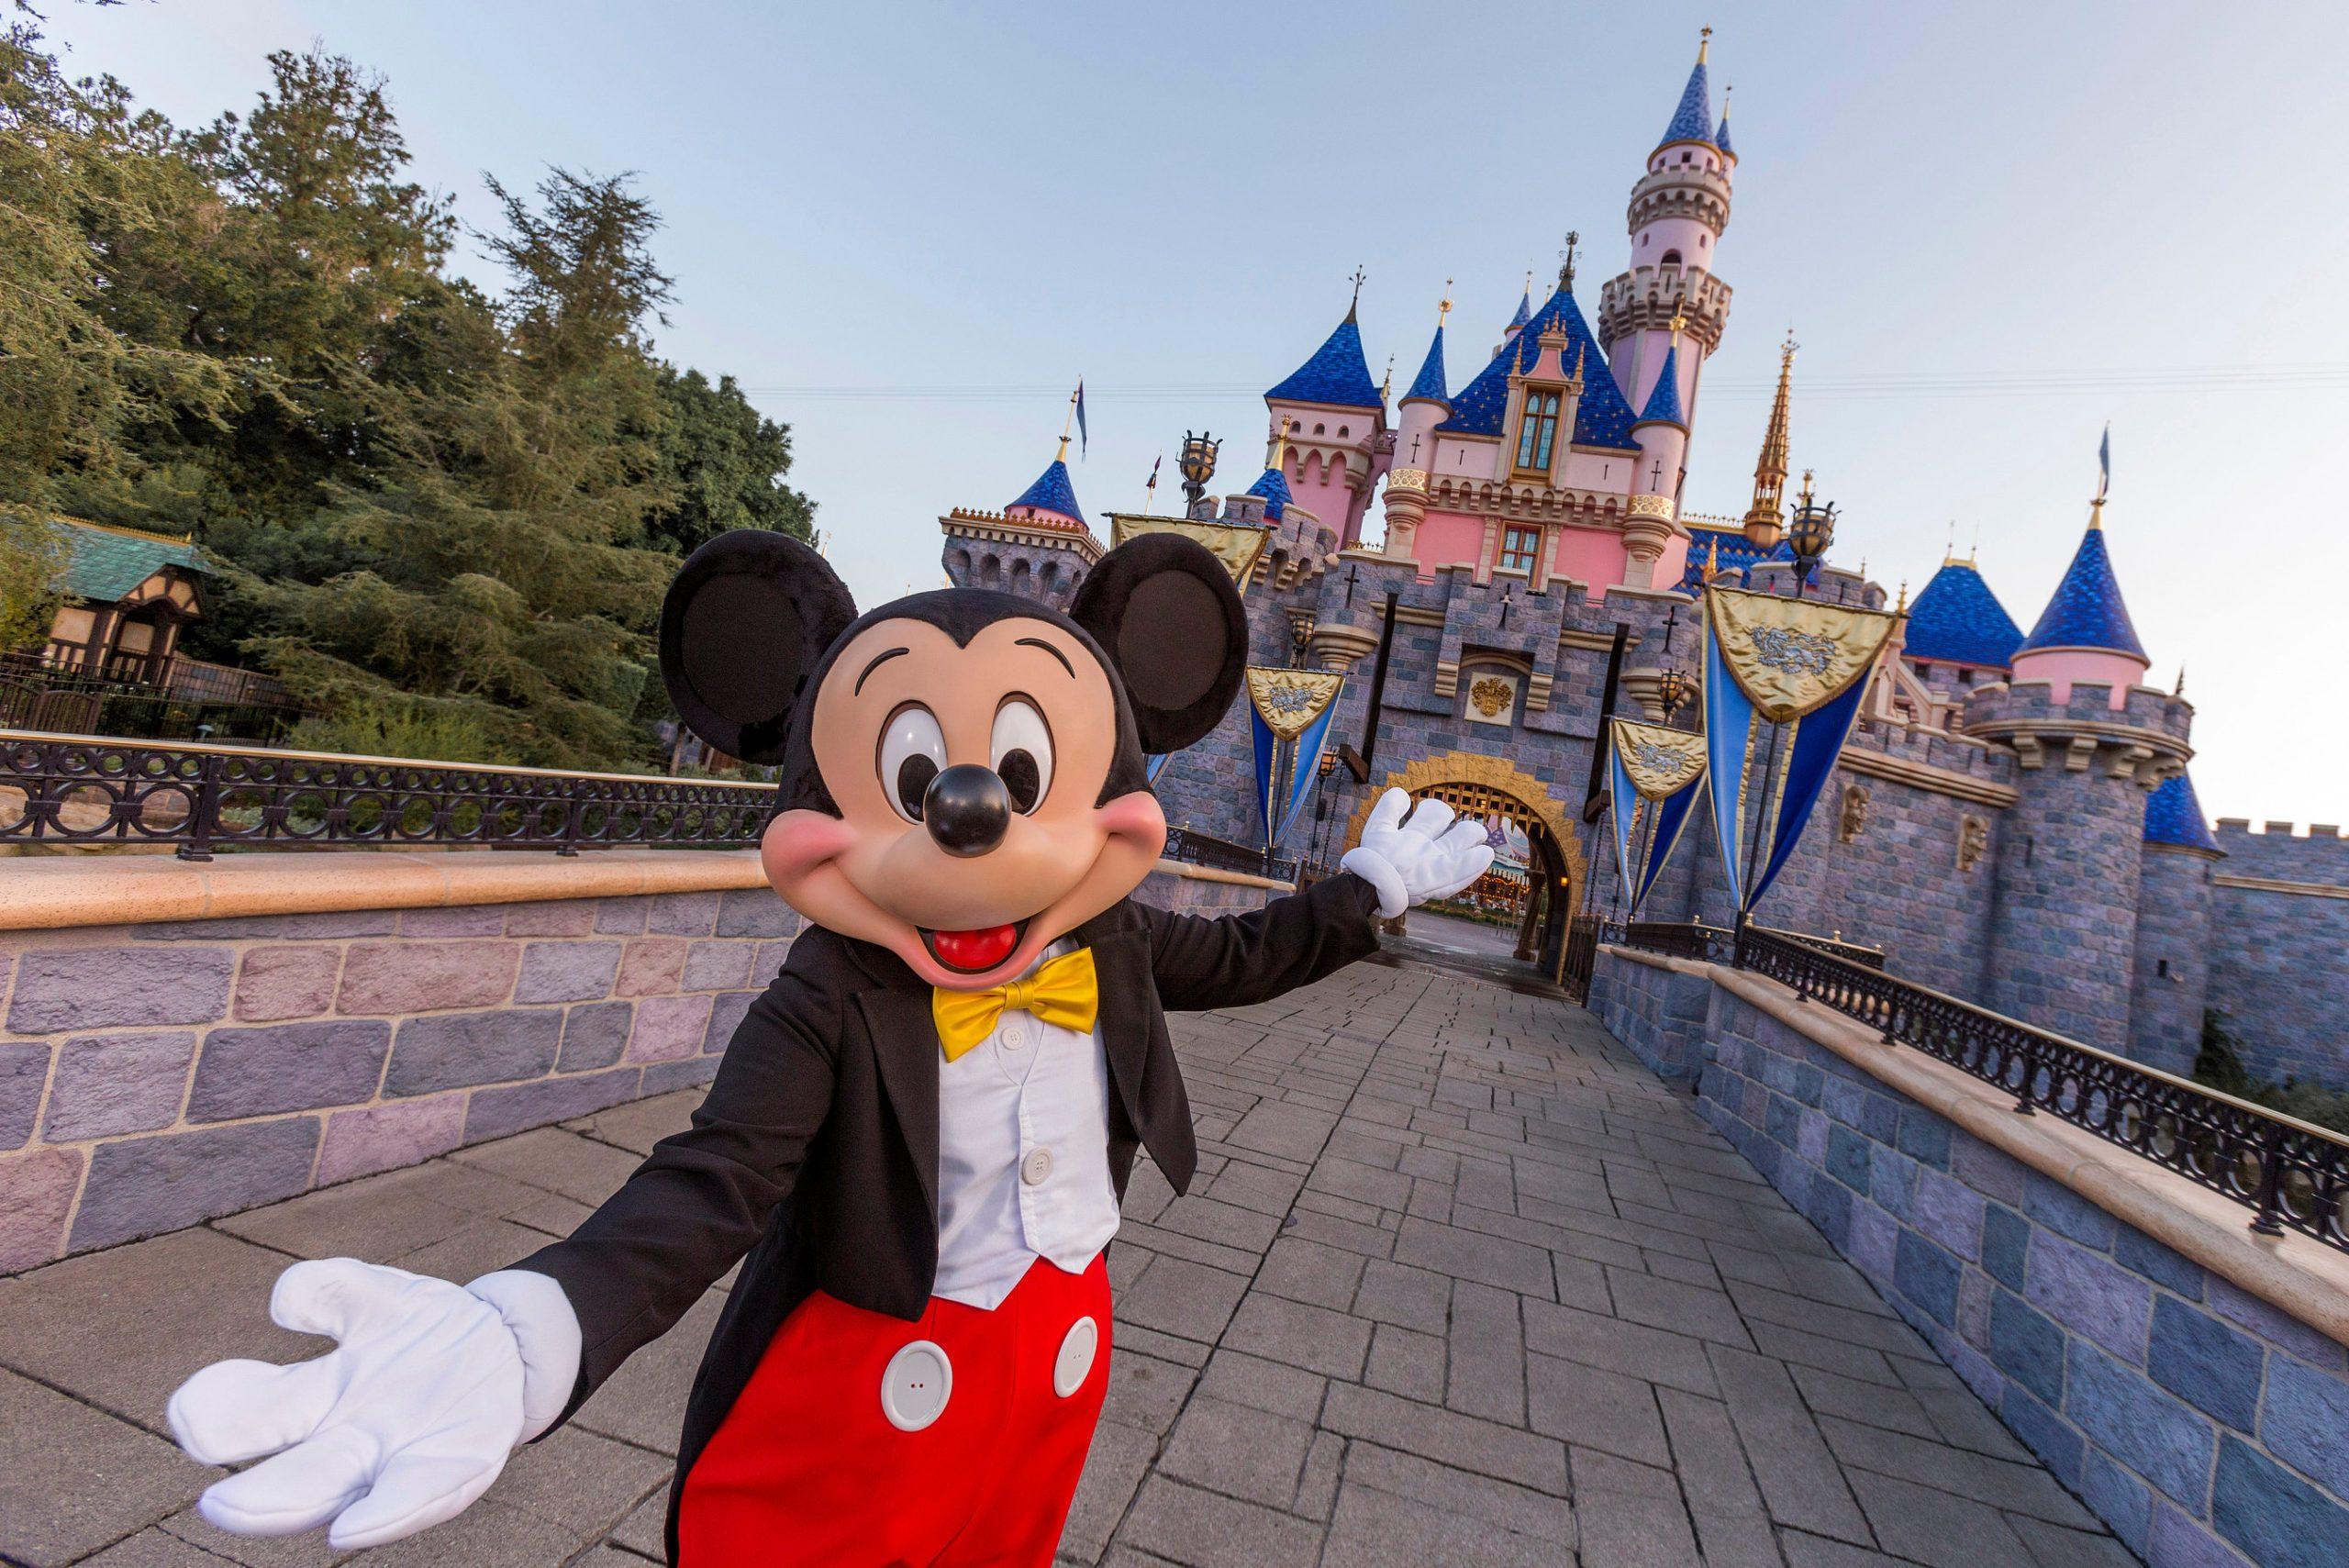 迪士尼樂園度假區宣佈為加州居民提供限時的夏季門票優惠,充滿主題公園樂趣的3天門票,每天低至83美元